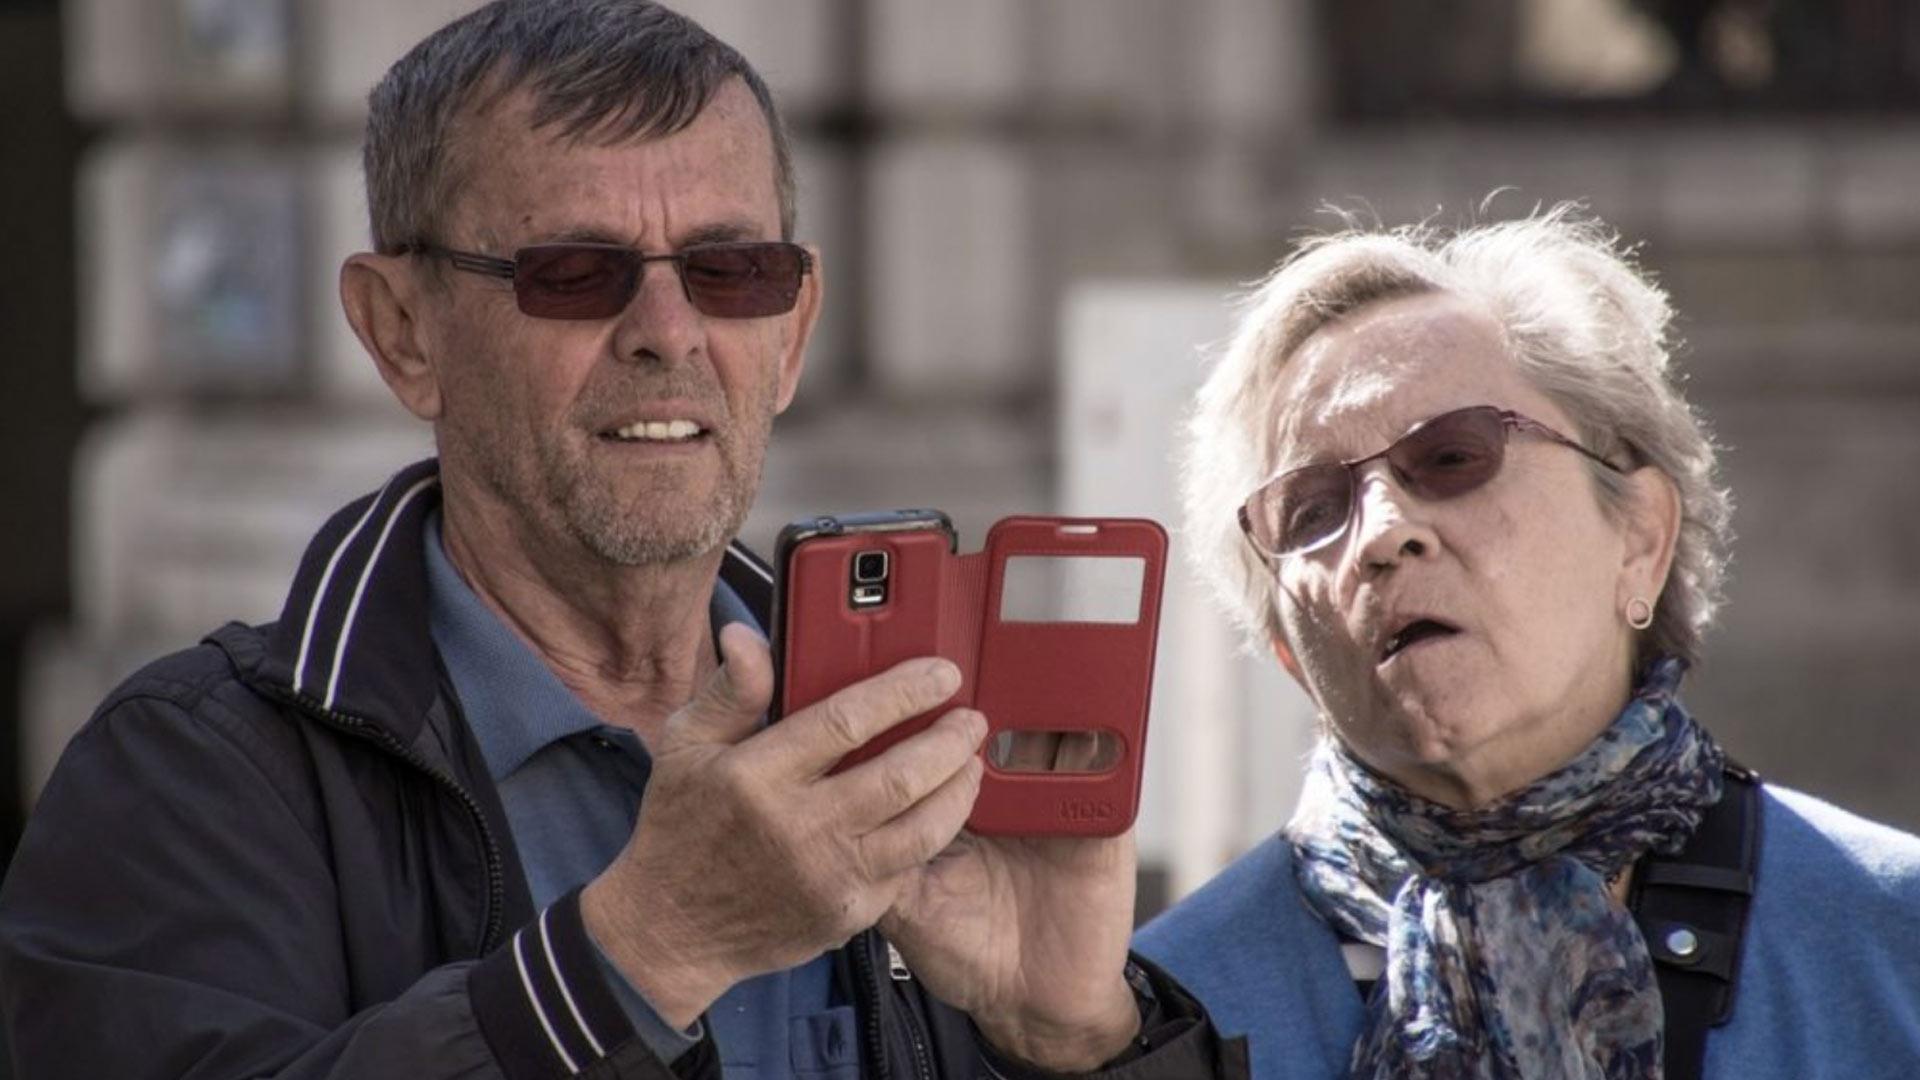 Frau mit hund sucht mann mit herz. Pottenbrunn kosten single